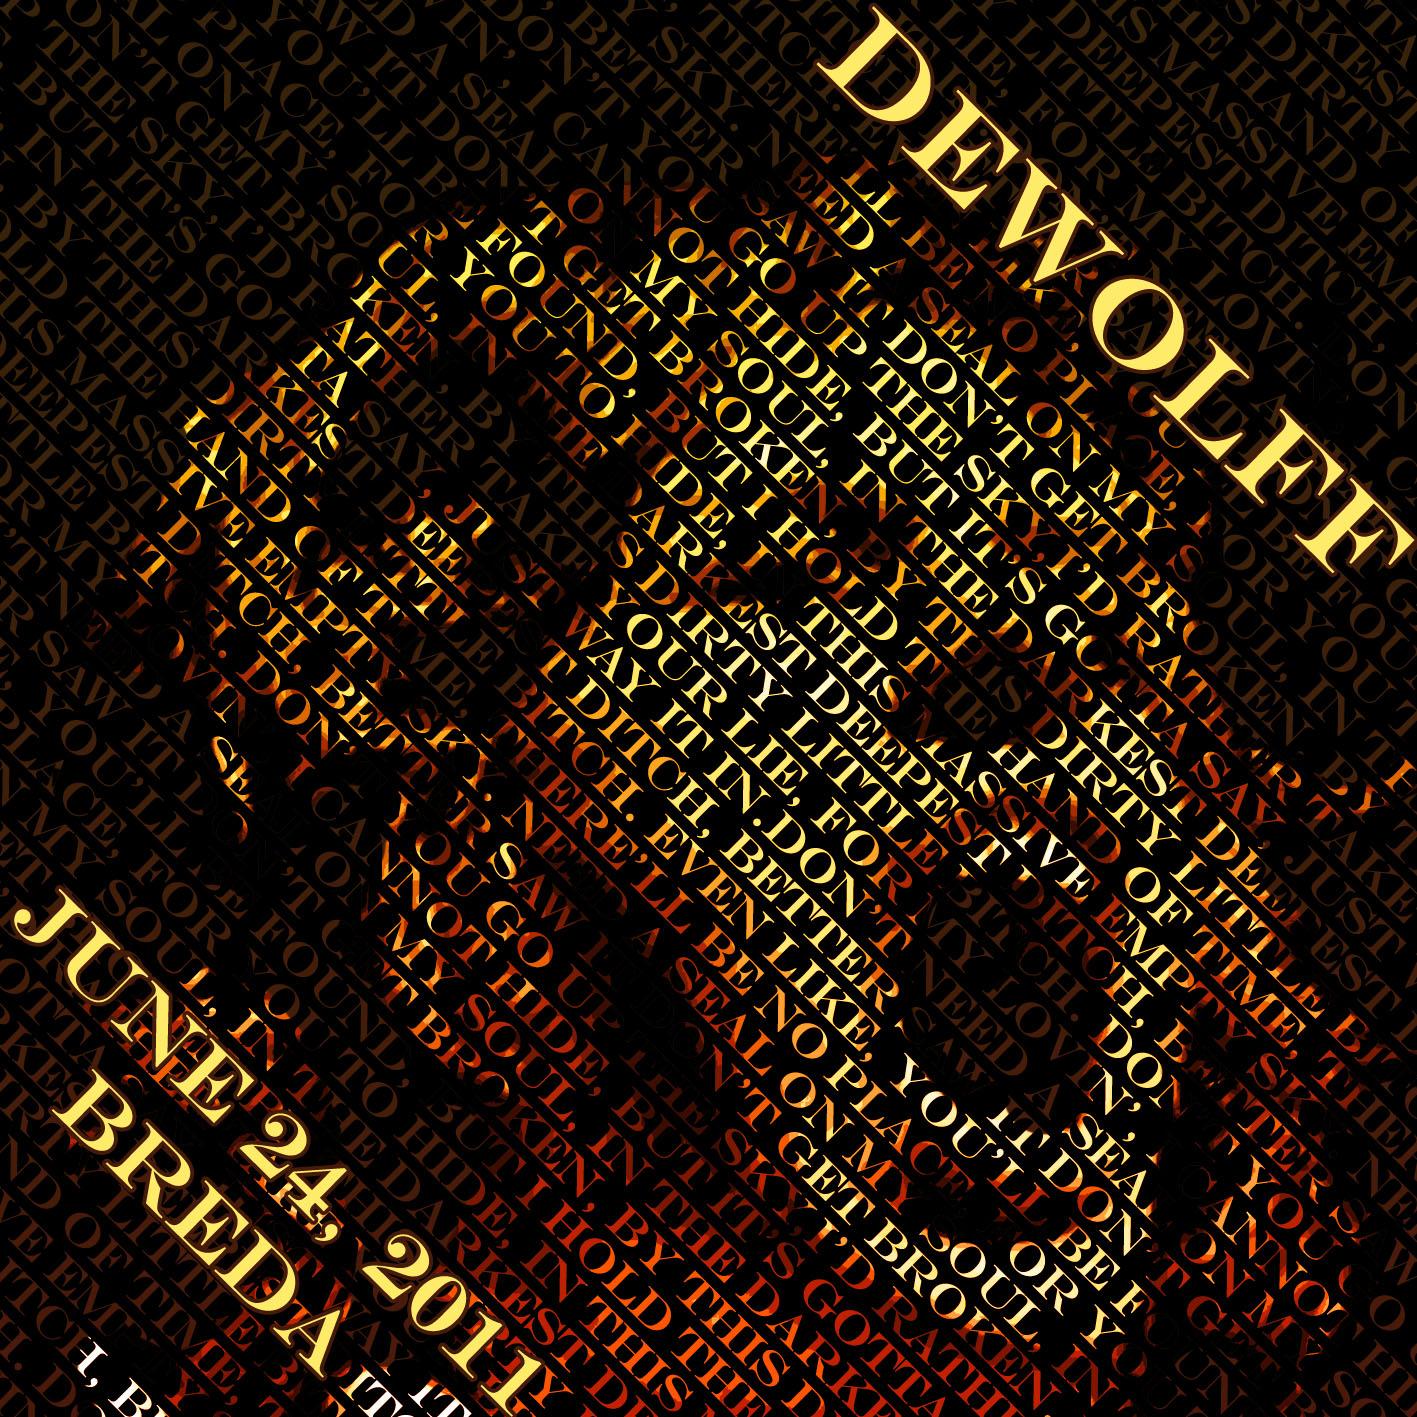 http://3.bp.blogspot.com/-y69TNexGiBA/TjjOIGPggjI/AAAAAAAAHSk/CNa5YxCNiw0/s1600/dewolffweb.jpg